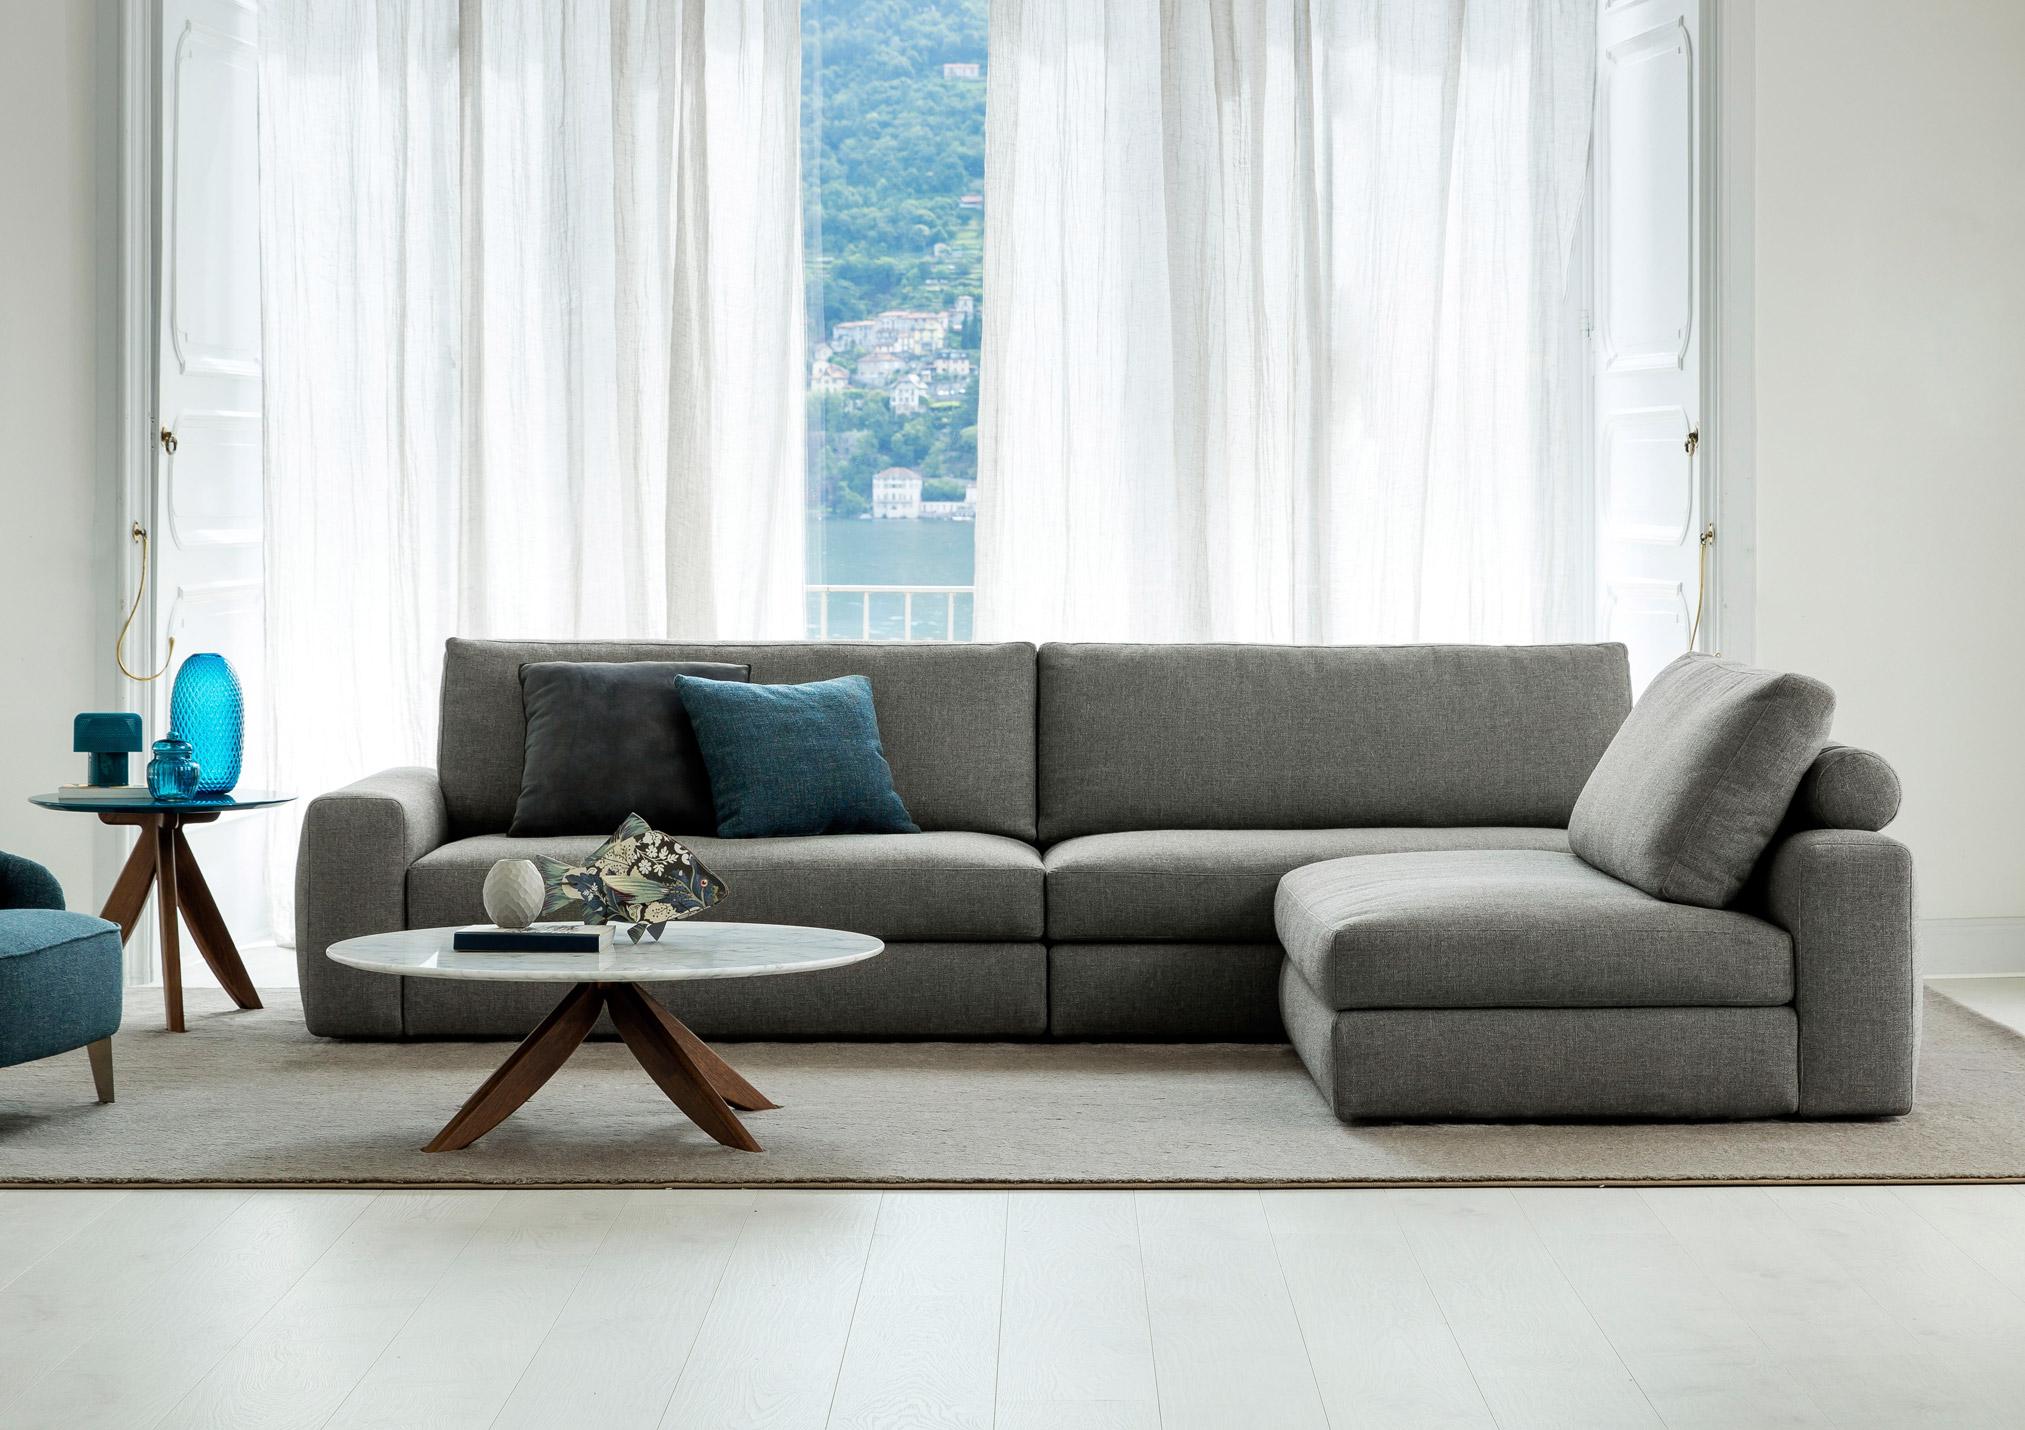 Sofa compuesto Joey respaldo bajo